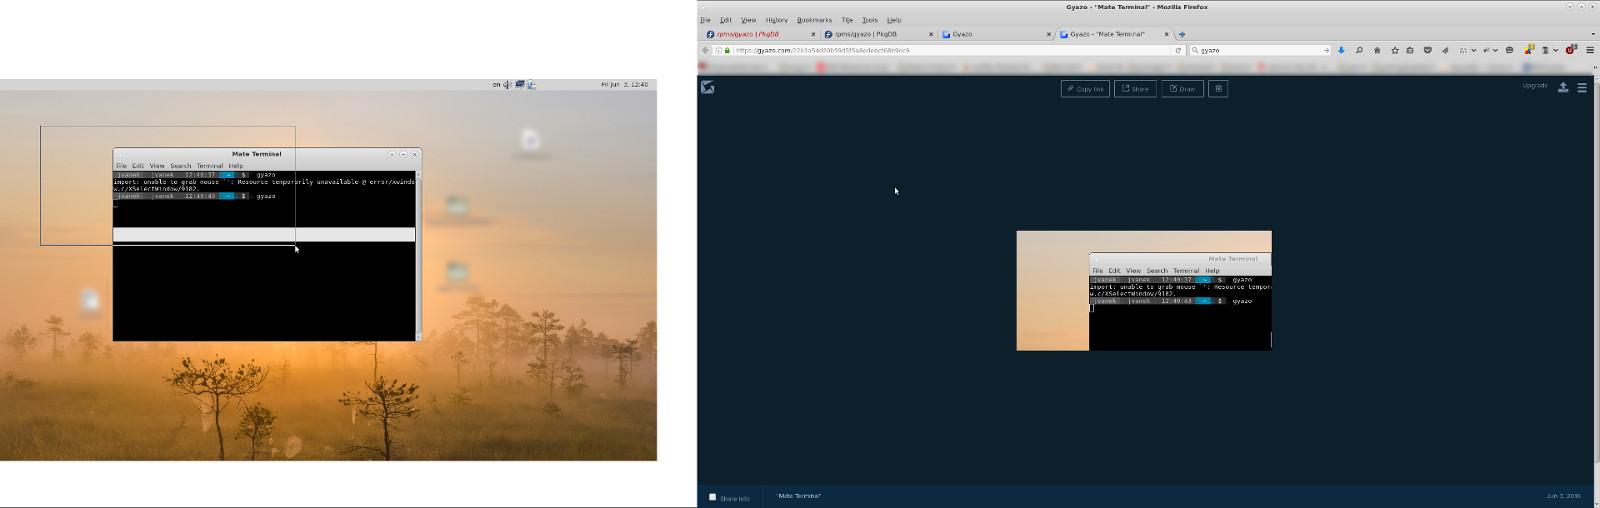 gyazo-screenshot-of-screenshot.png